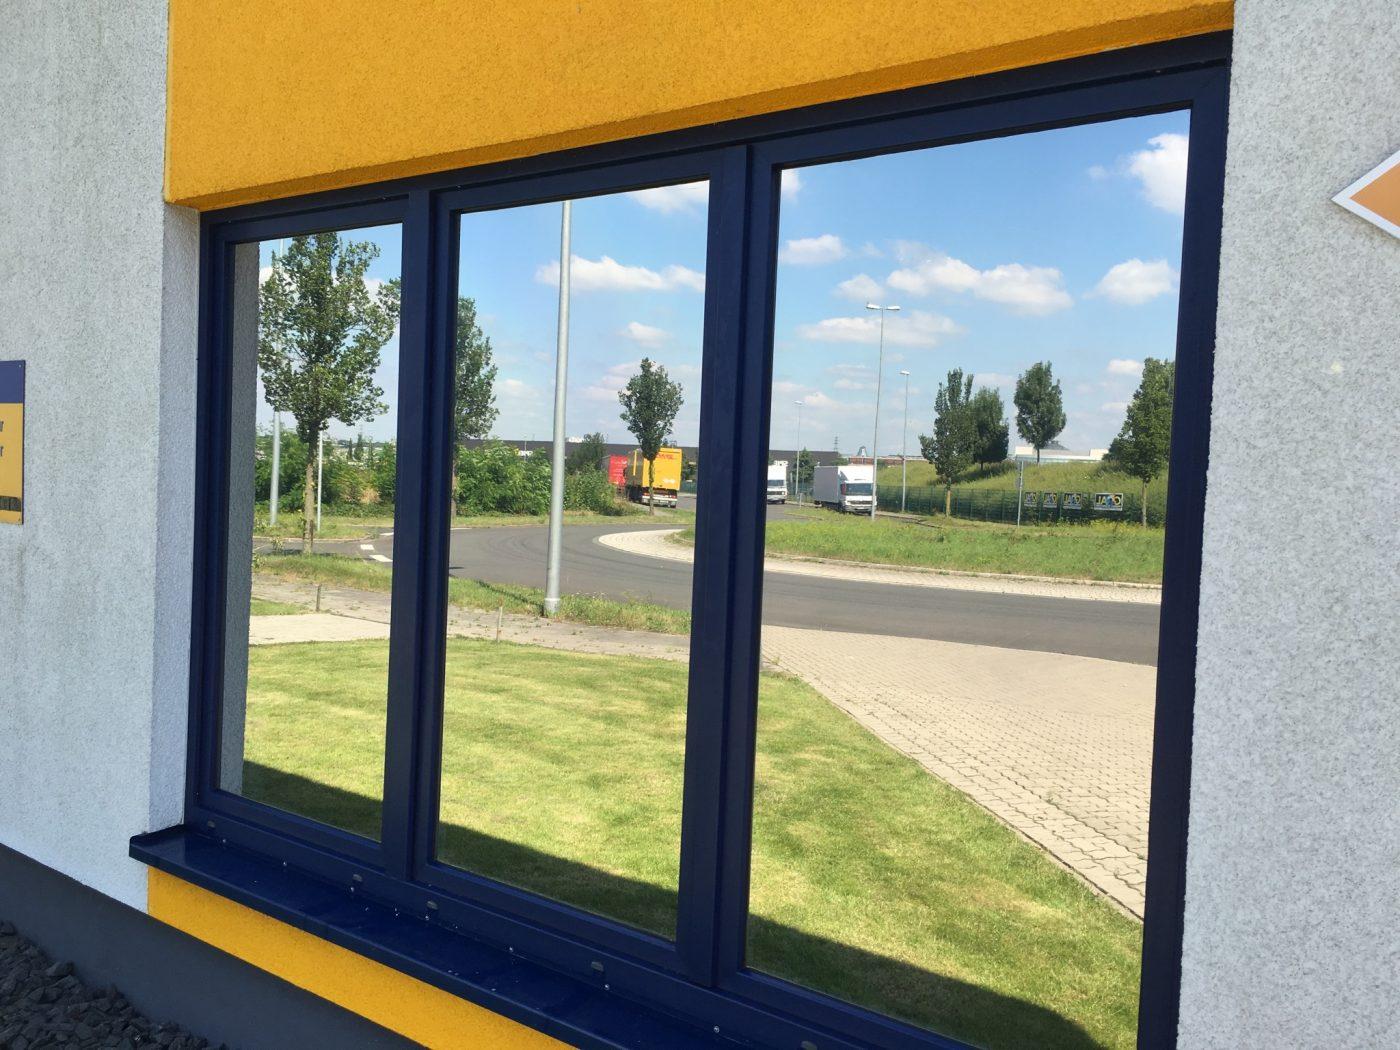 Sichtschutzfolie anbringen lassen vom erfahrenen fachmann - Folie fenster blickdicht ...